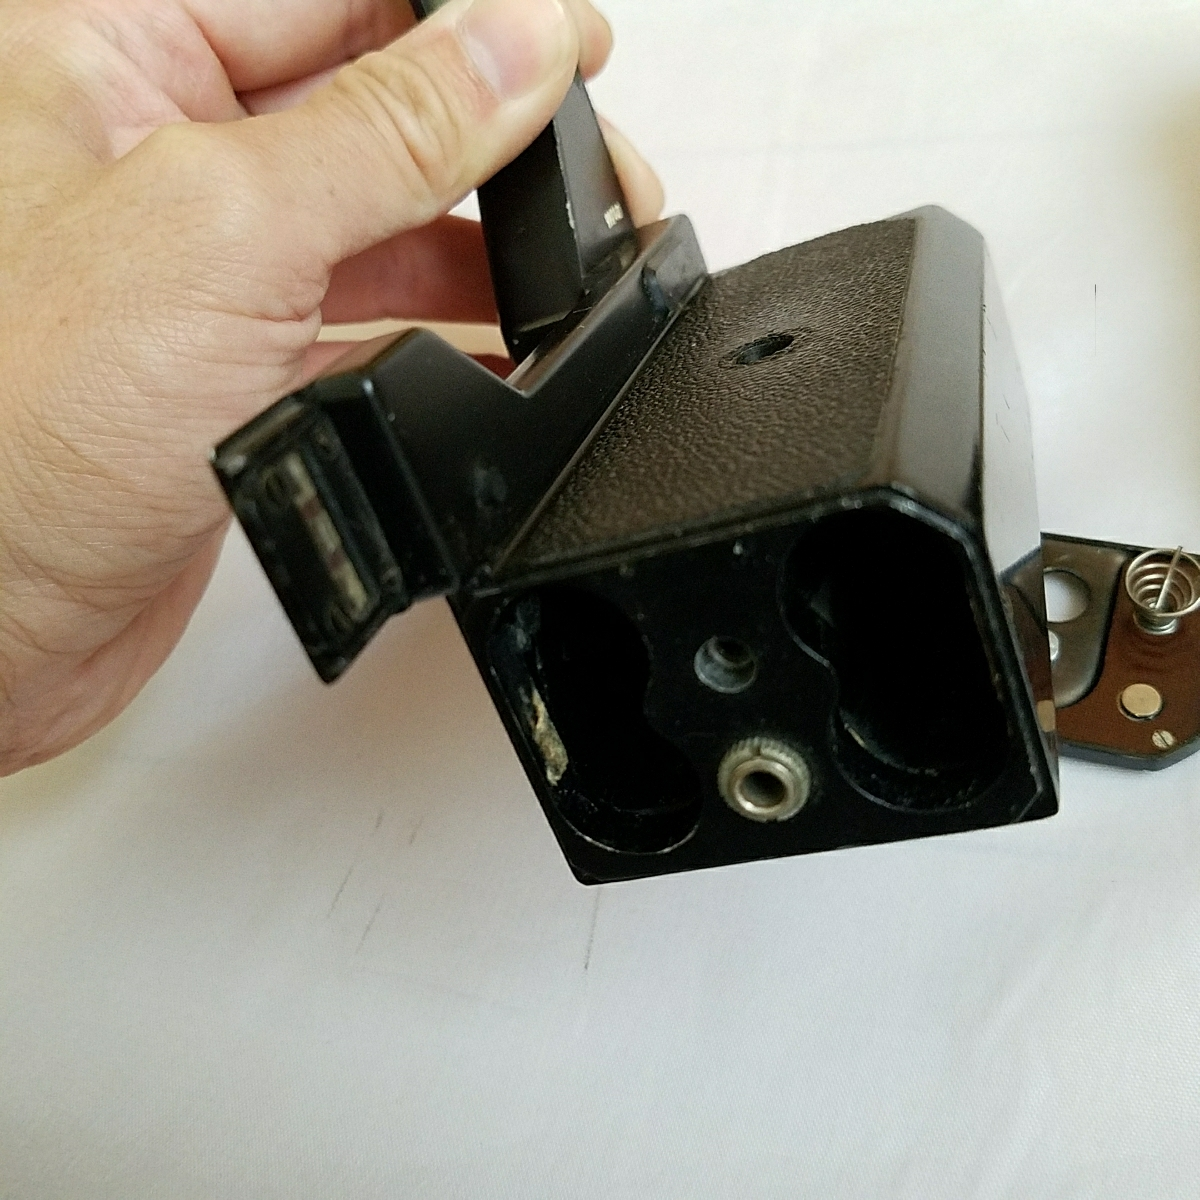 ニコン Nikon F アイレベル F36 MOTOR DRIVE フィルムカメラ_画像10